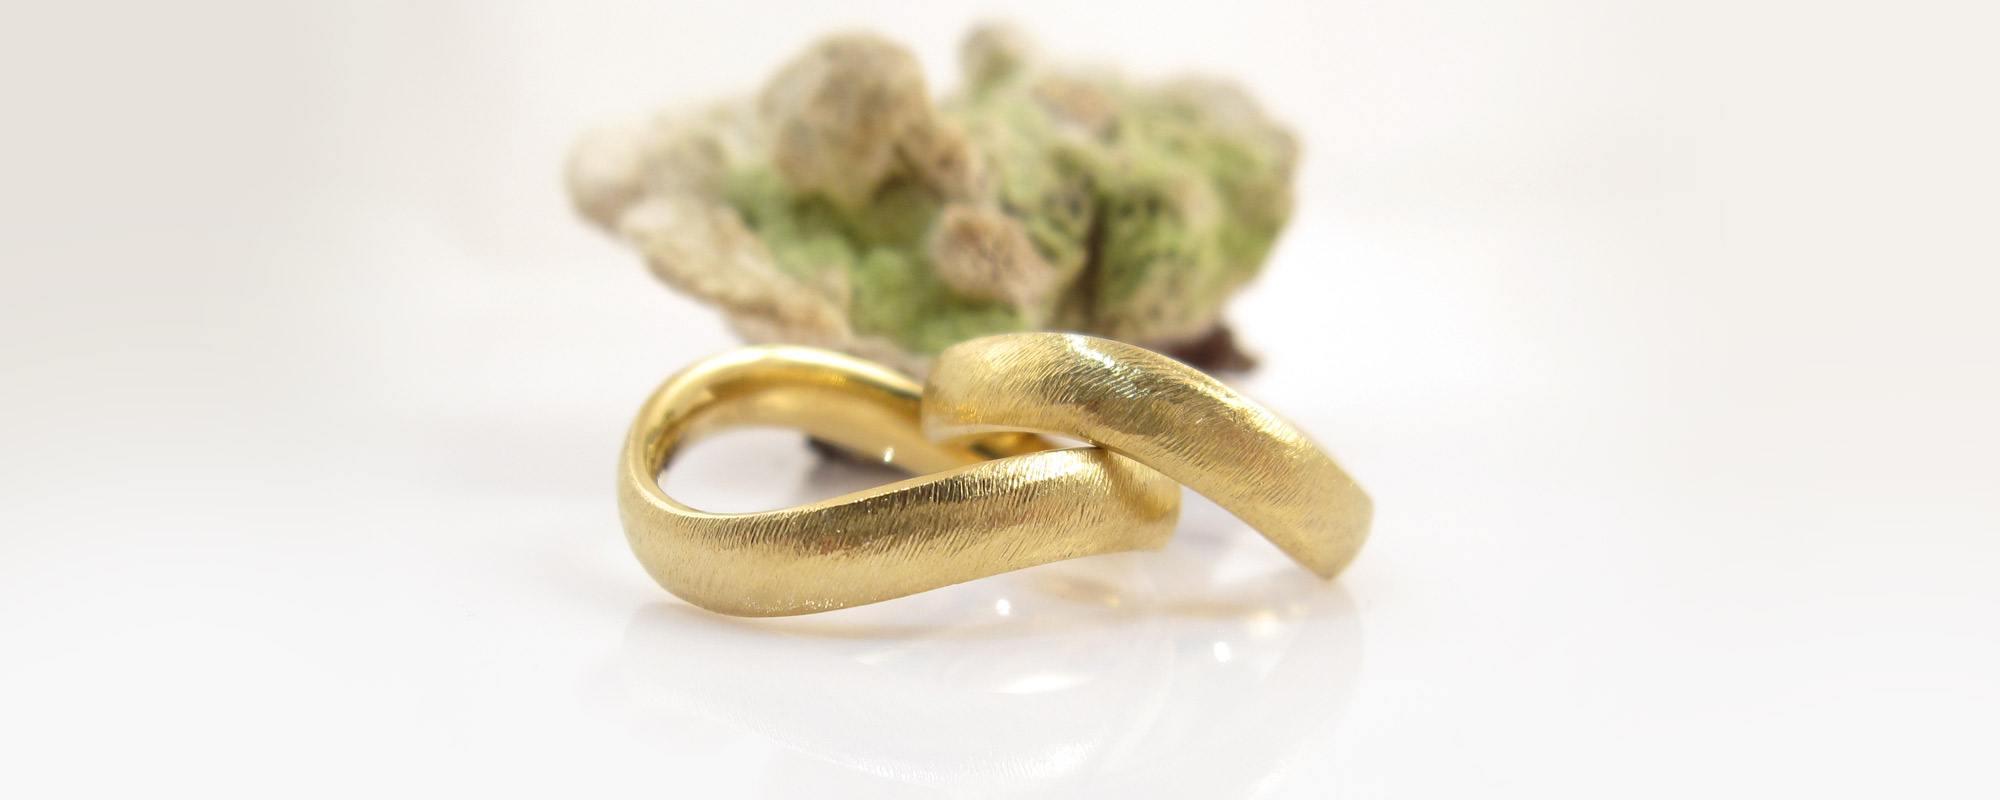 Hndlavede ringe Unikke smykker hos Castens Curvy coarse wedding